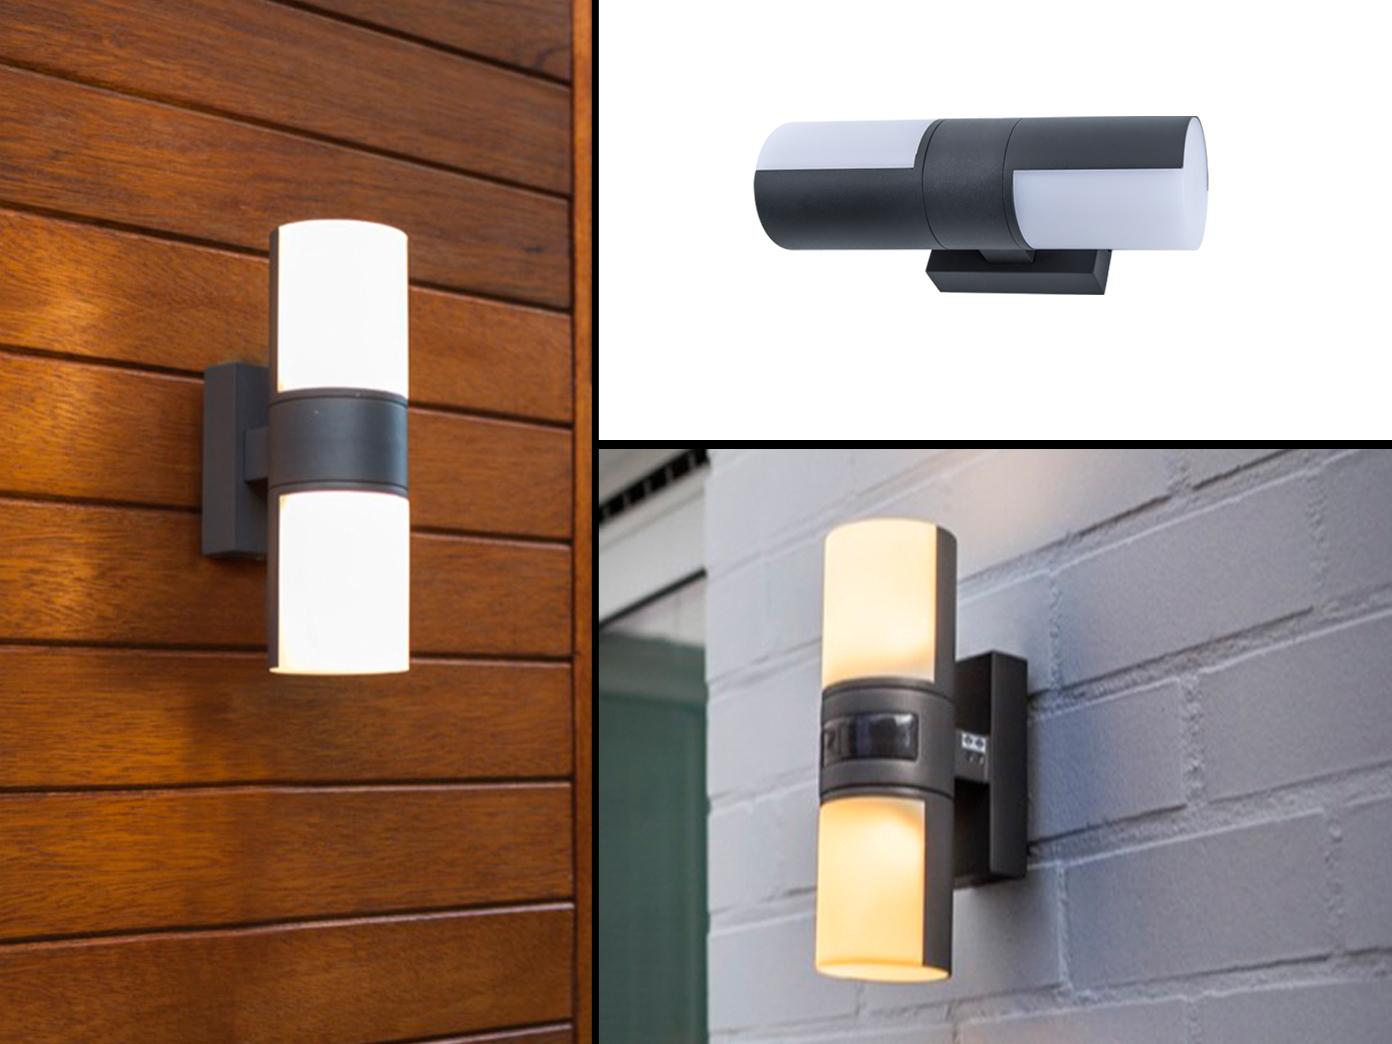 LED iluminación exterior para parojo con detector de movimiento & up and Down light giratorio